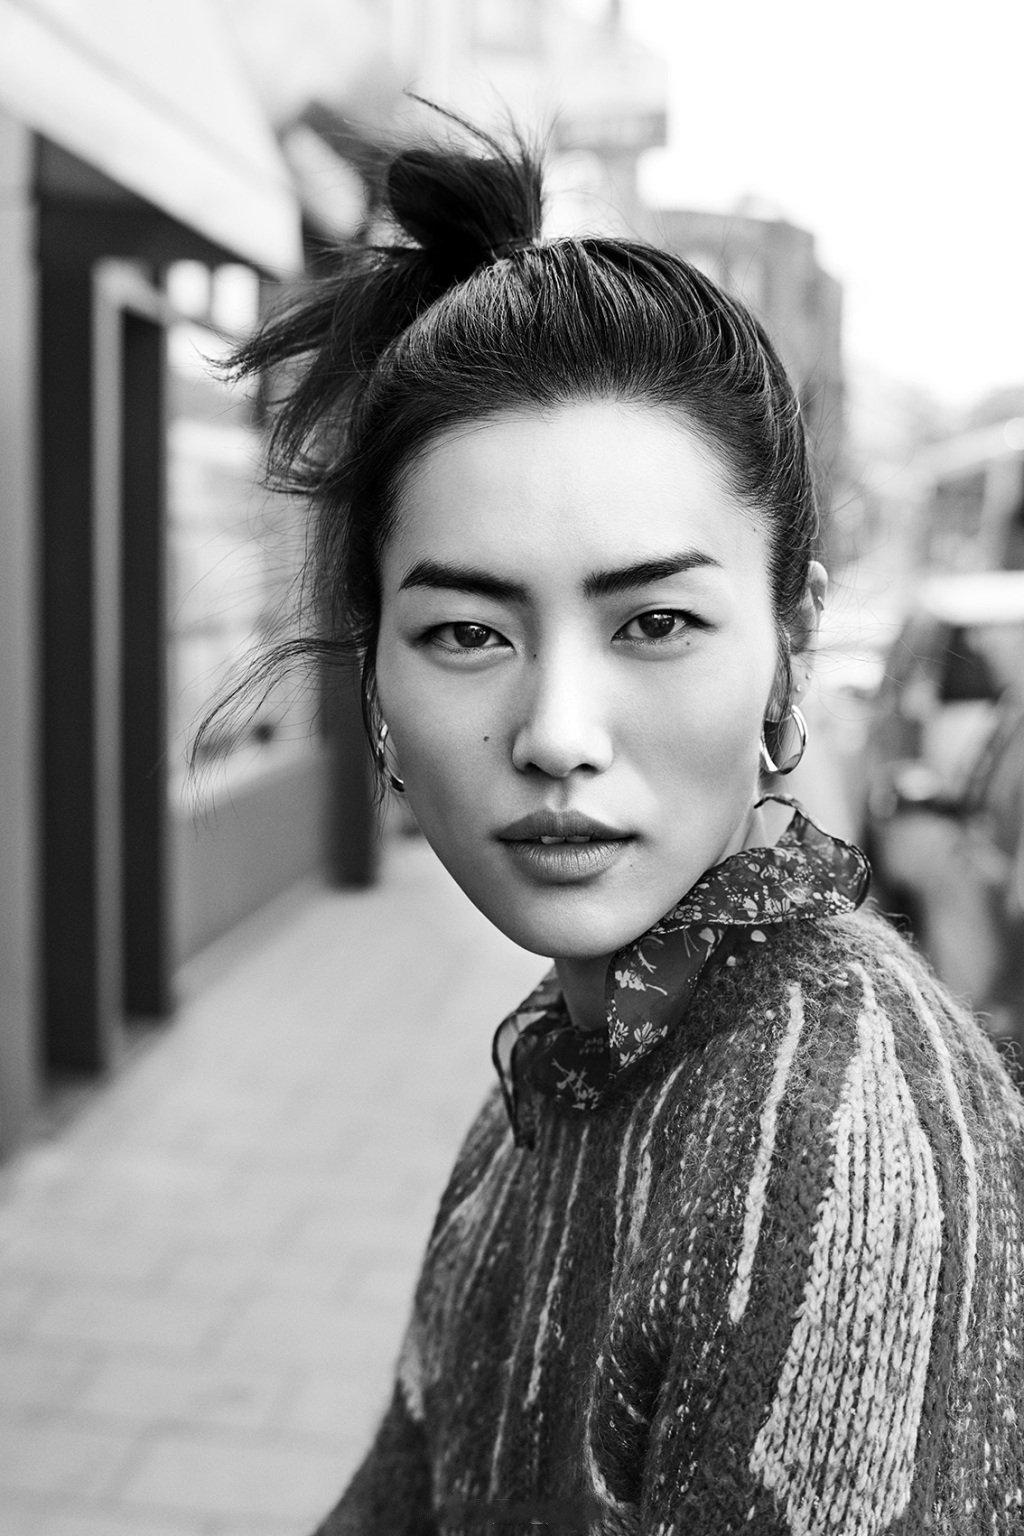 模特中国 时装 风尚星闻 超模刘雯演绎dazzle早春系列广告大片  2019